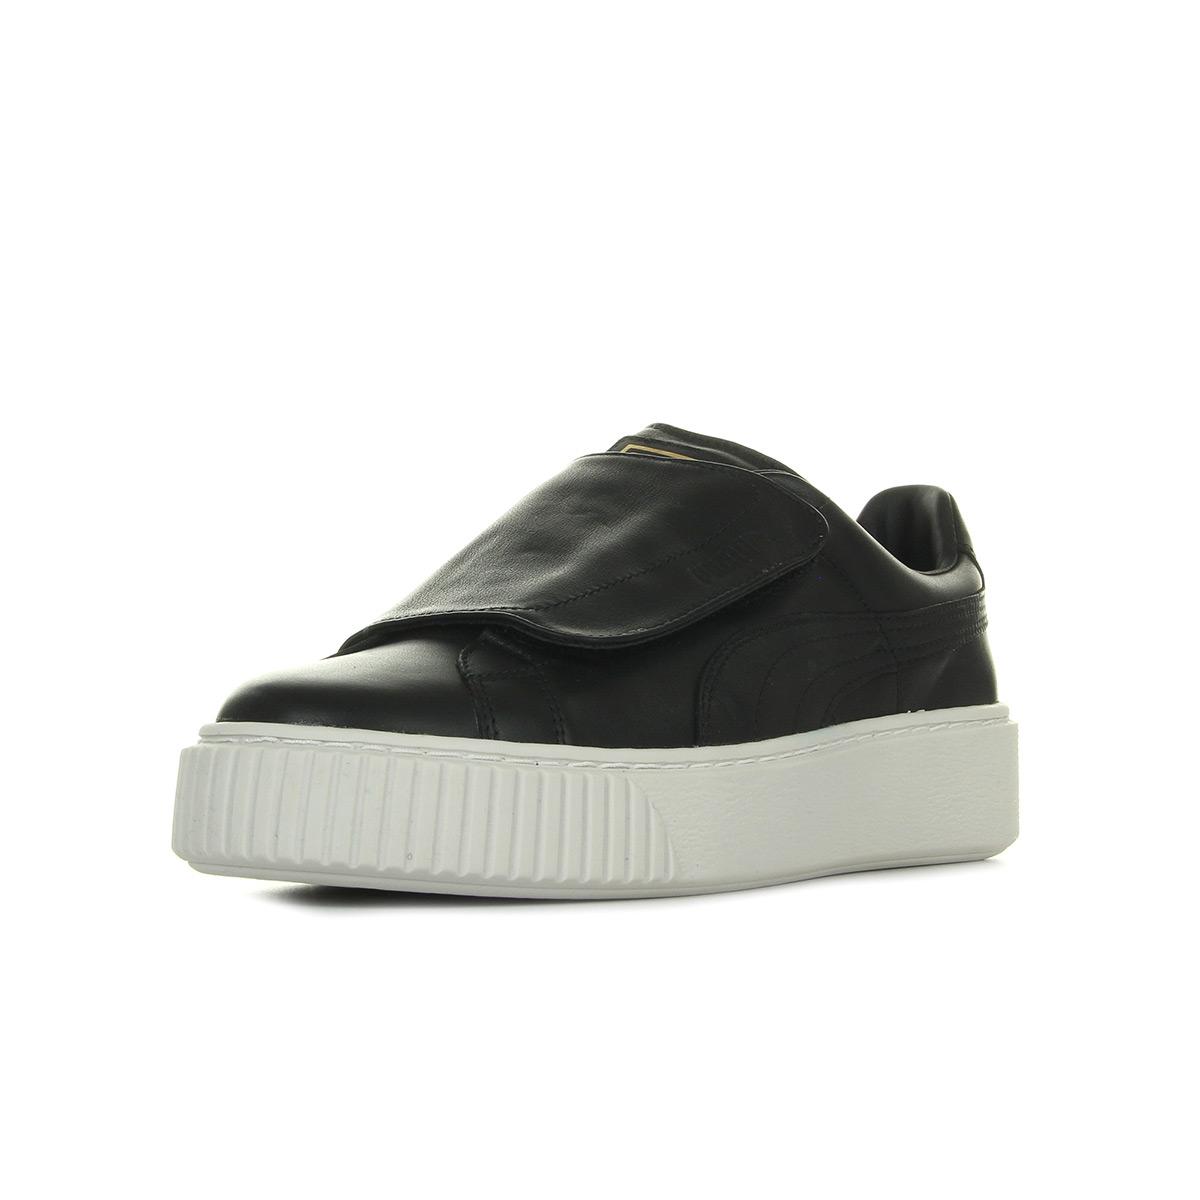 Chaussures Baskets Puma femme Platform Strap taille Noir Noire Cuir Scratchs